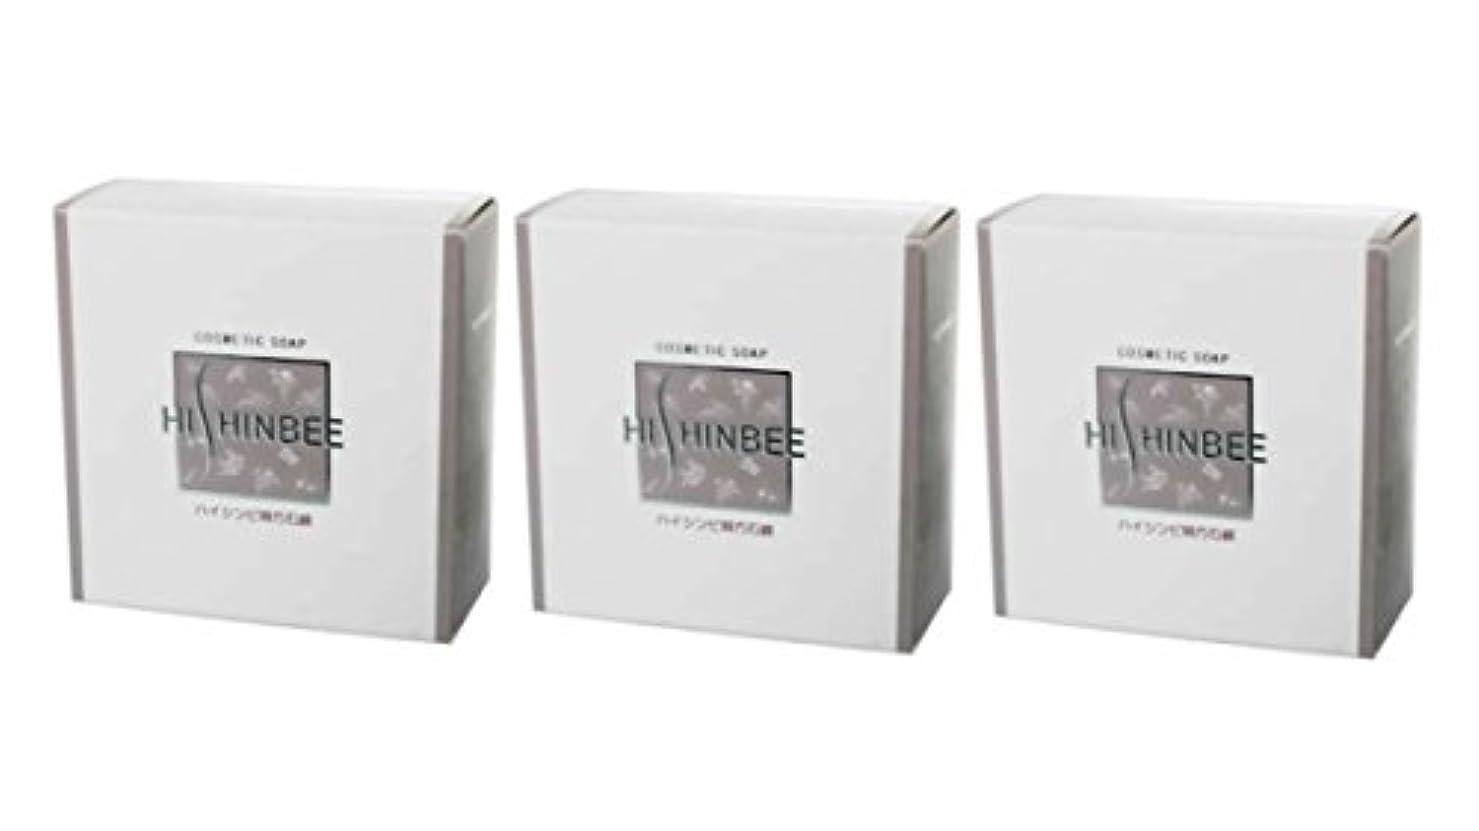 モルヒネ高齢者まとめる【シンビ】ハイシンビ韓方石鹸 120 g×3個セット